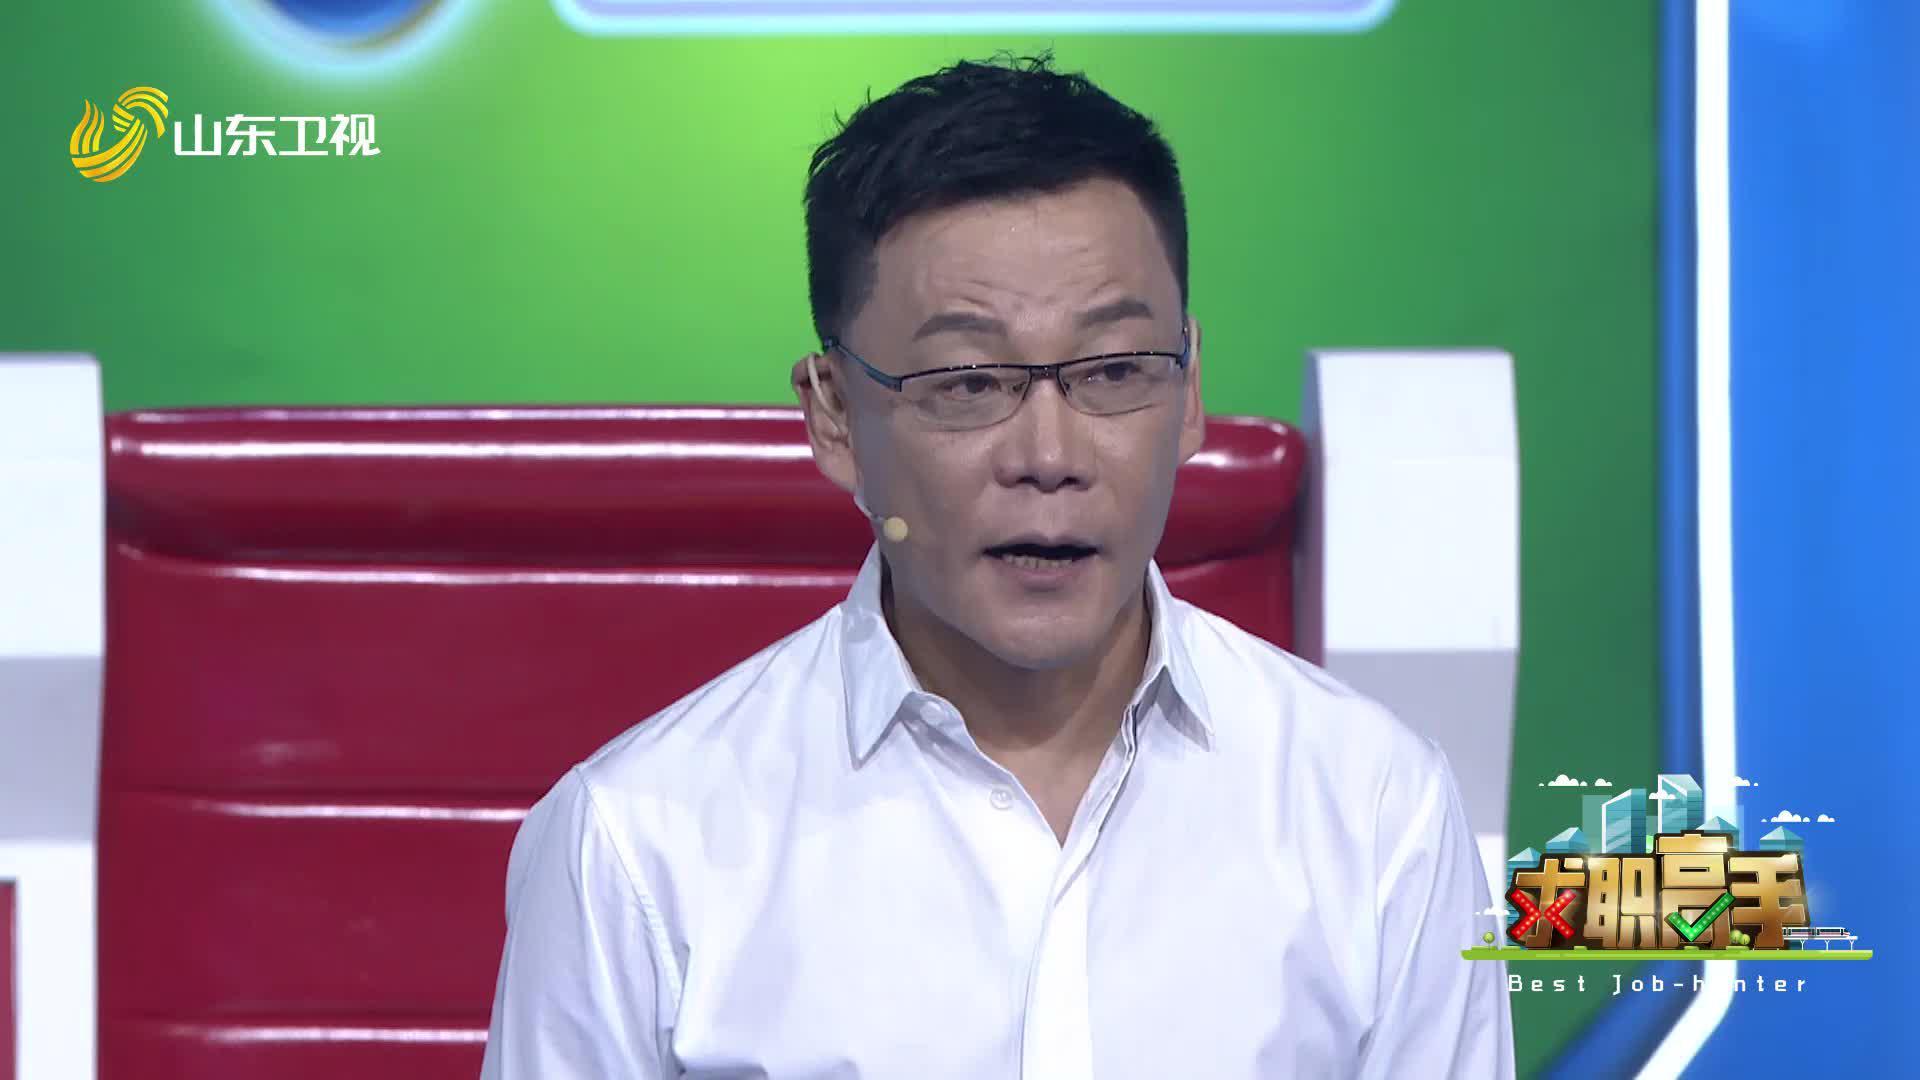 李国庆传授缓解压力解决消极情绪的方法